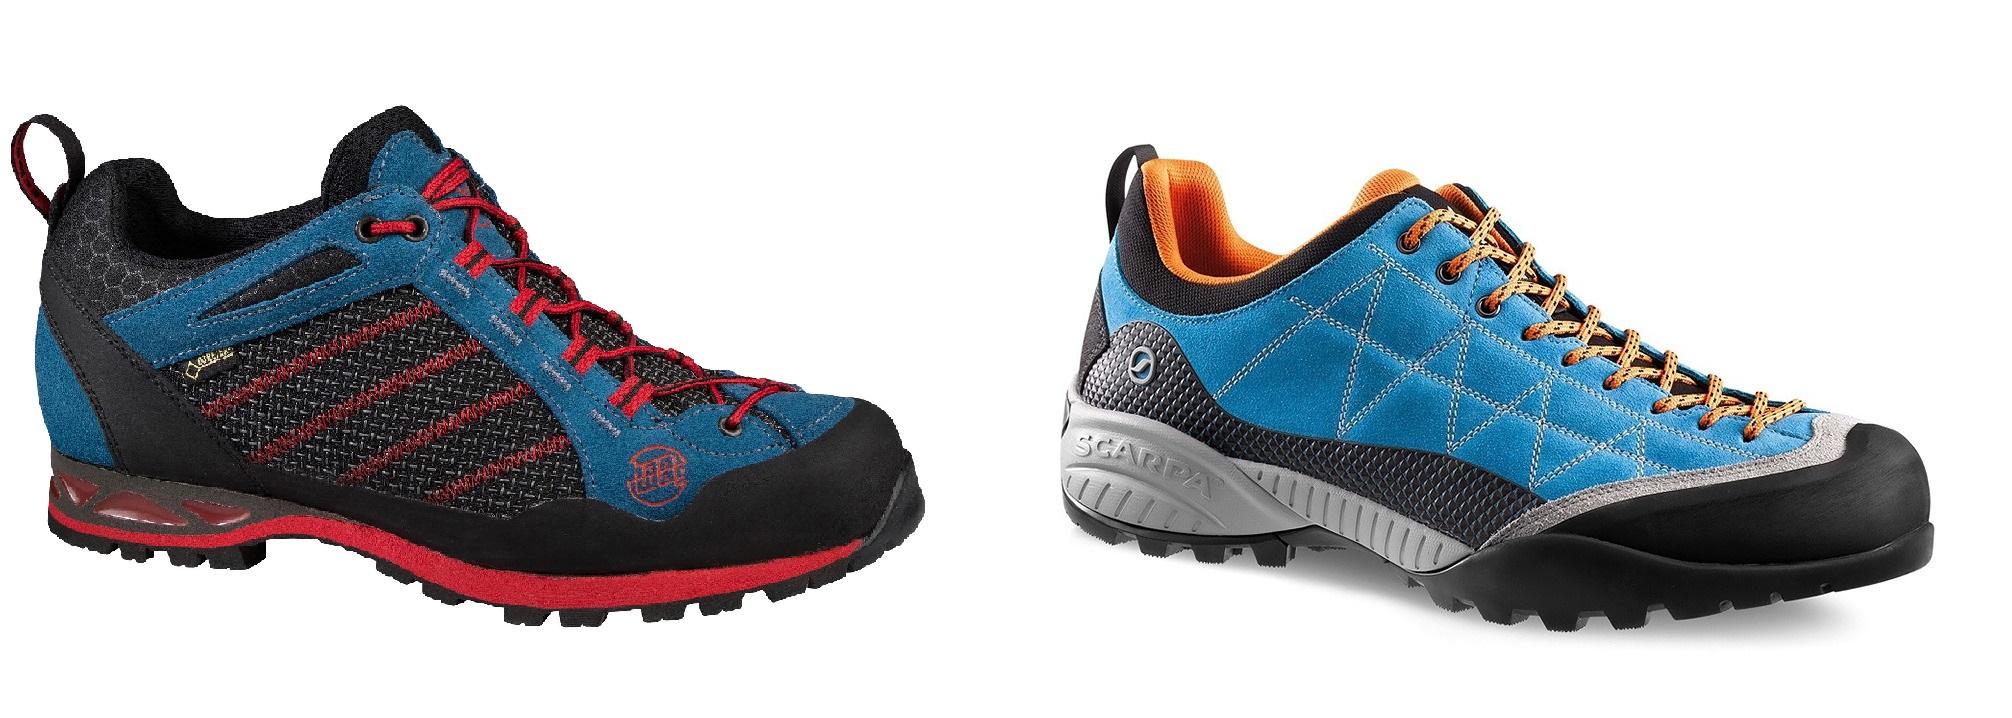 1313001bb3c9c Buty trekkingowe – co należy sprawdzić wybierając dobre buty trekkingowe